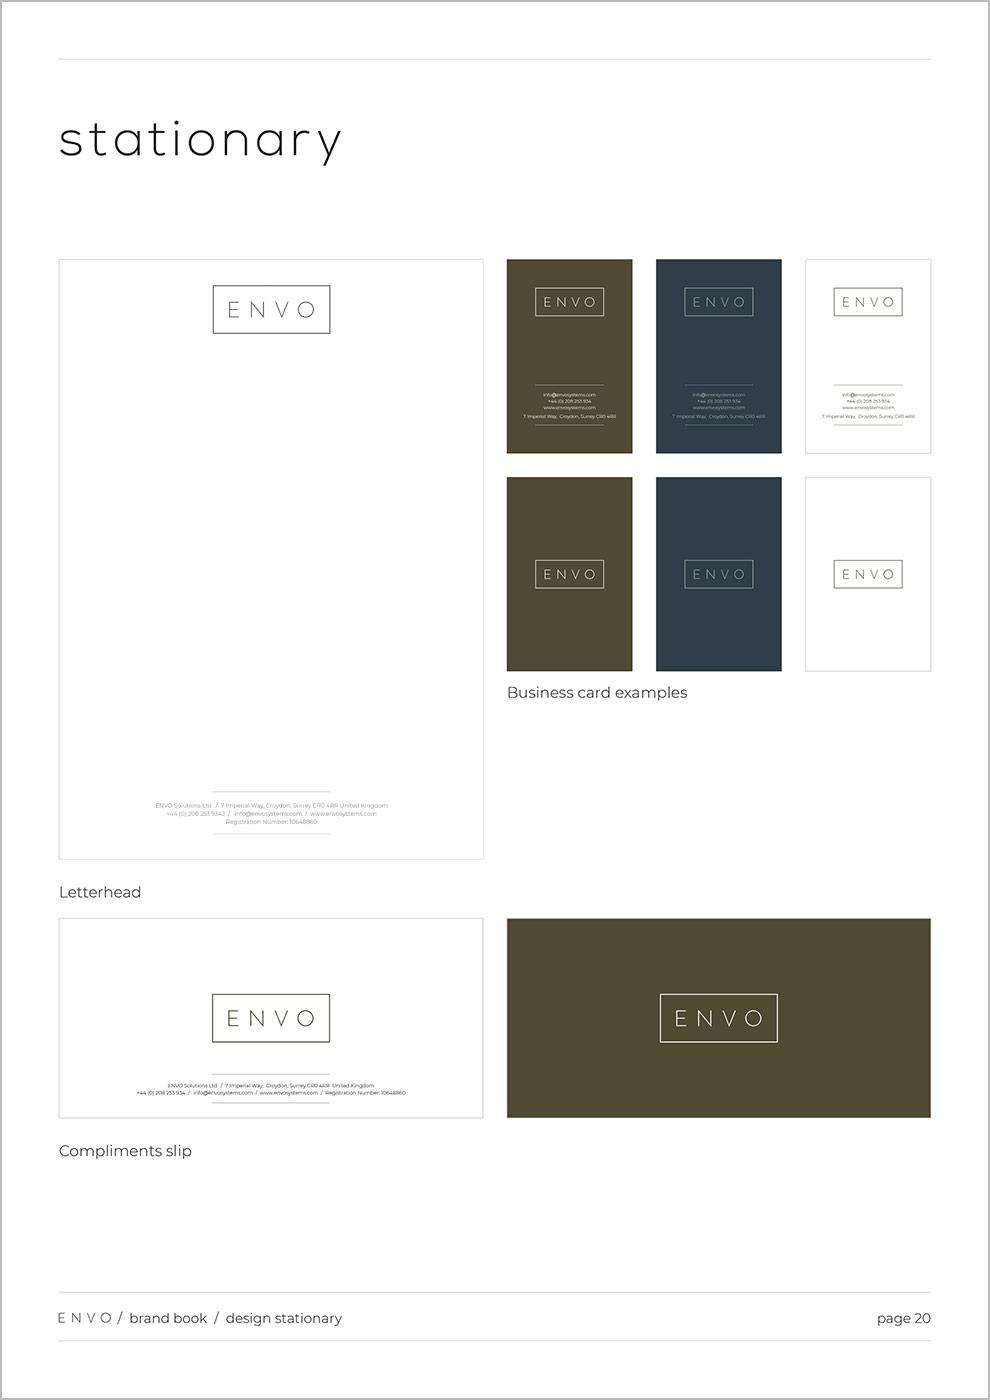 ENVO_Brand_Book_2018_V3-20